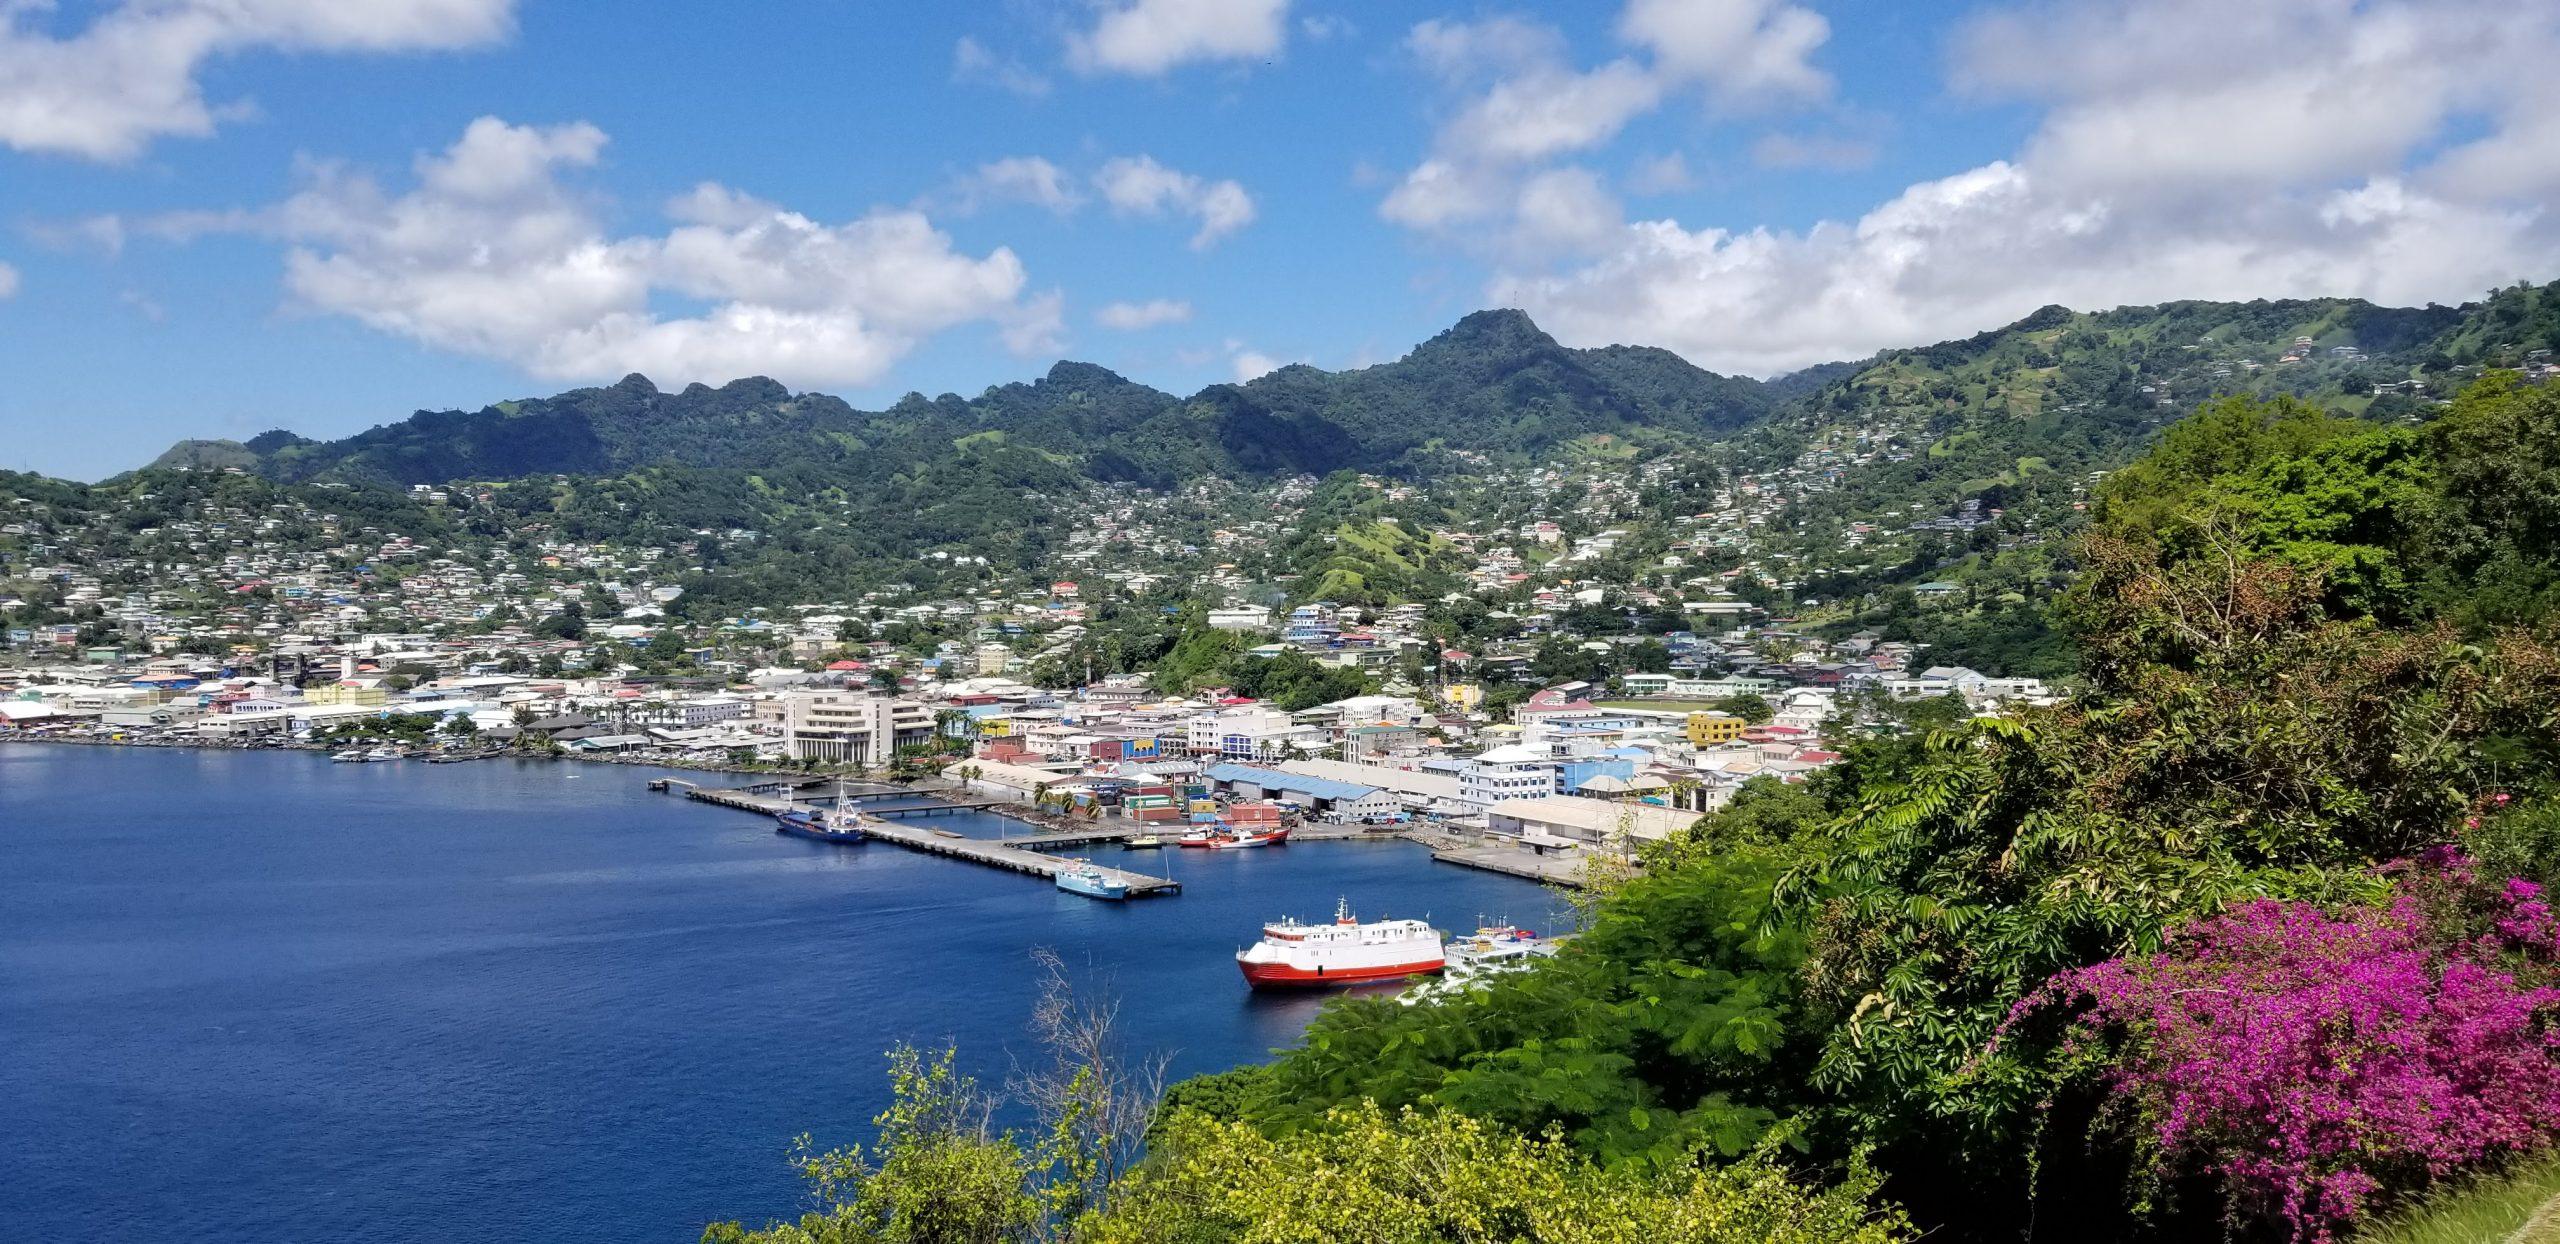 Port of Kingstown St. Vincent